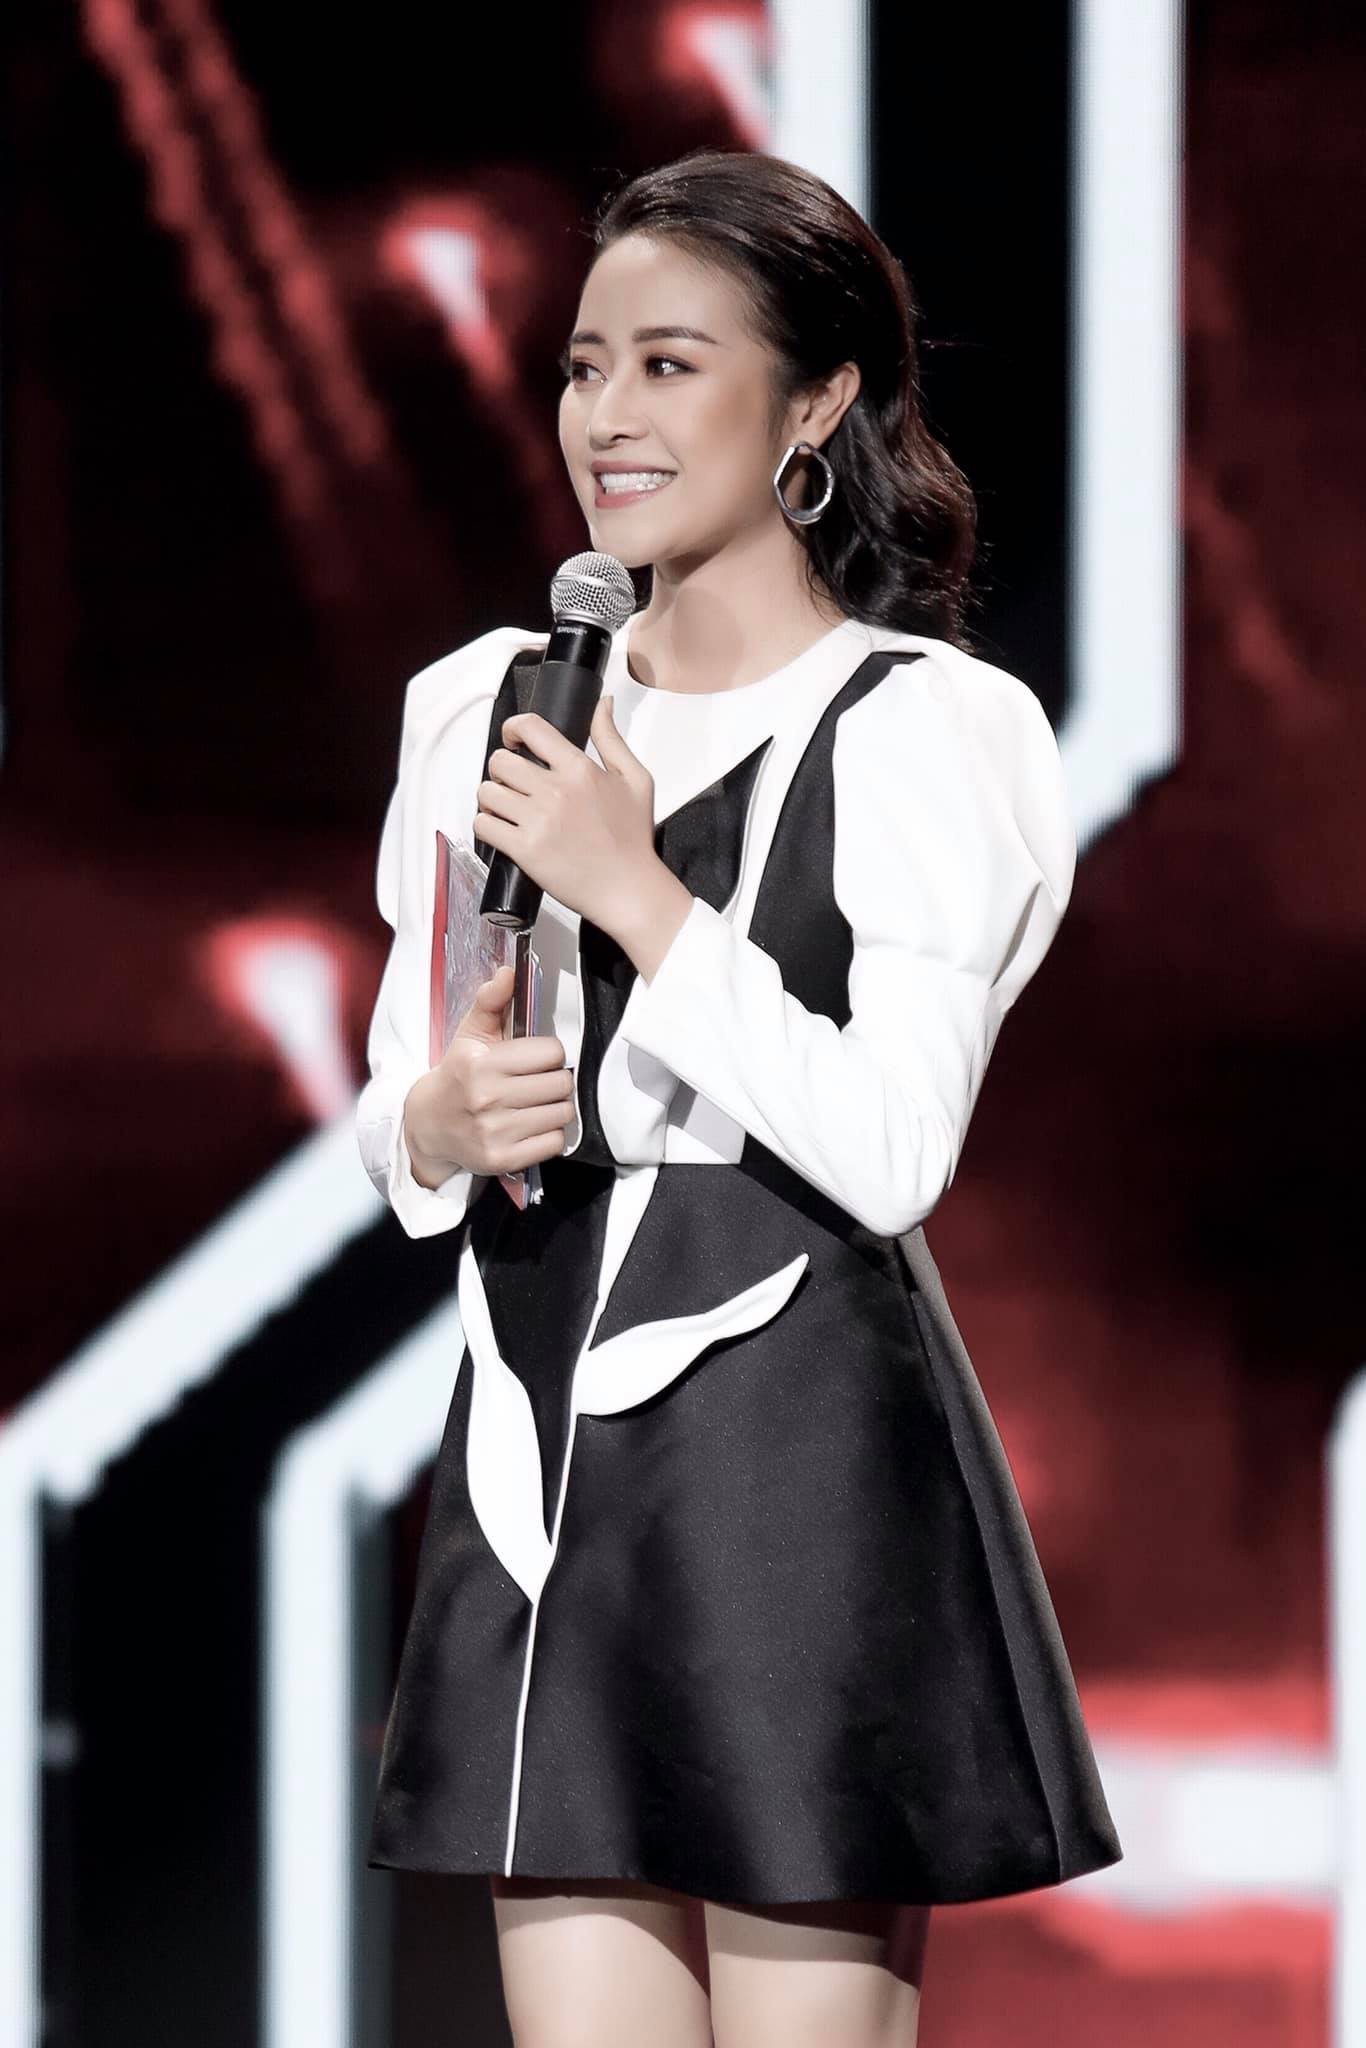 MC Phí Linh gây bất ngờ khi kết hôn trong tháng 6 - Ảnh 4